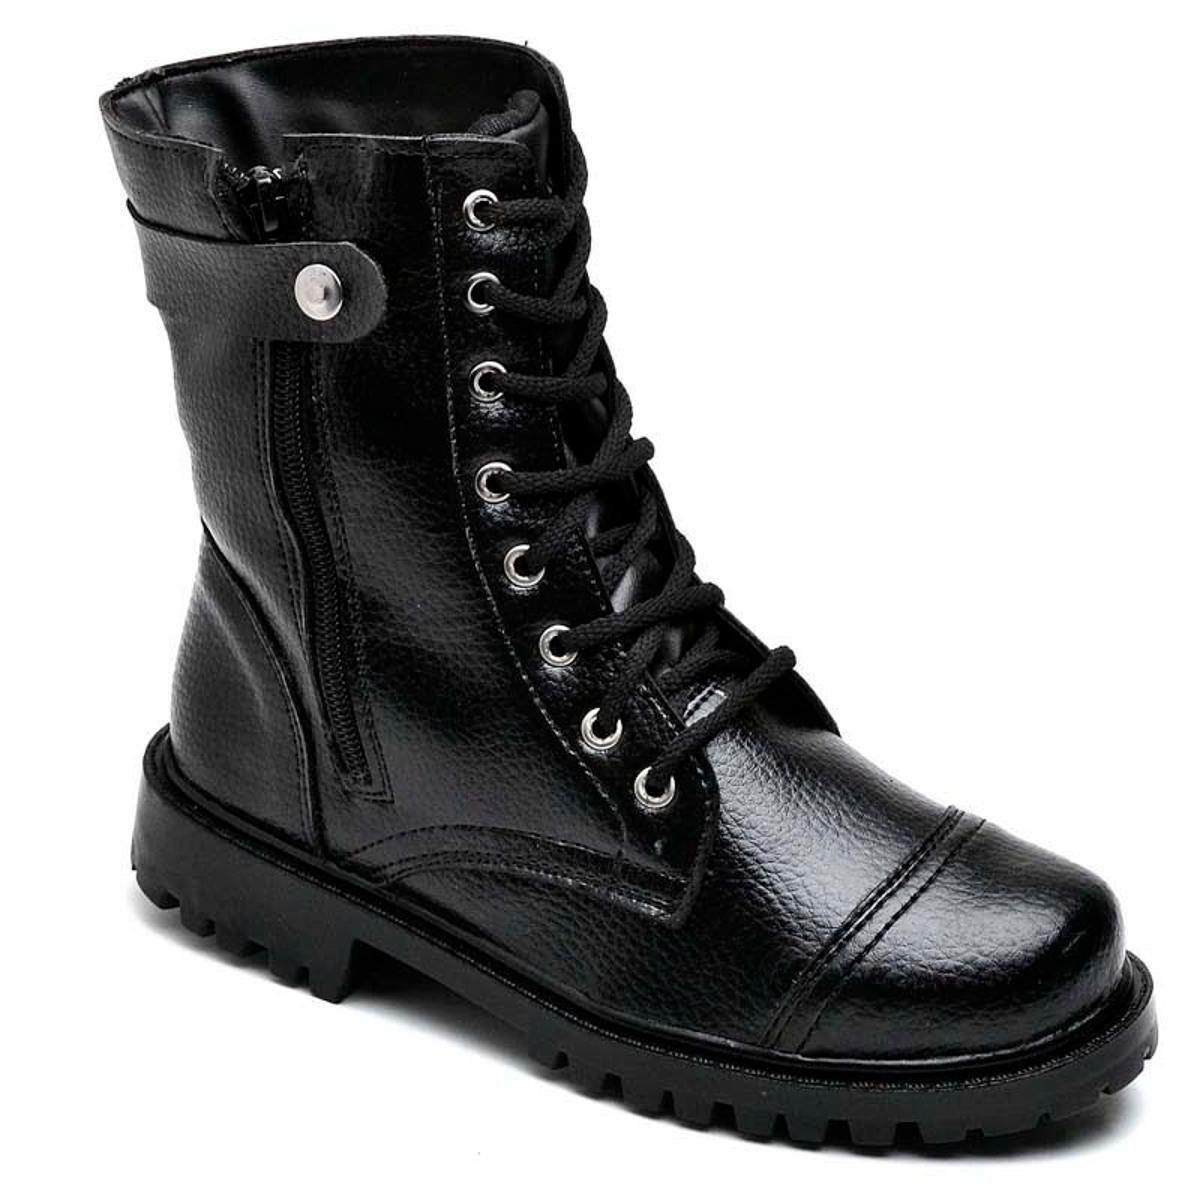 707ae4afcad Bota Top Franca Shoes Segurança Masculino - Preto - Compre Agora ...